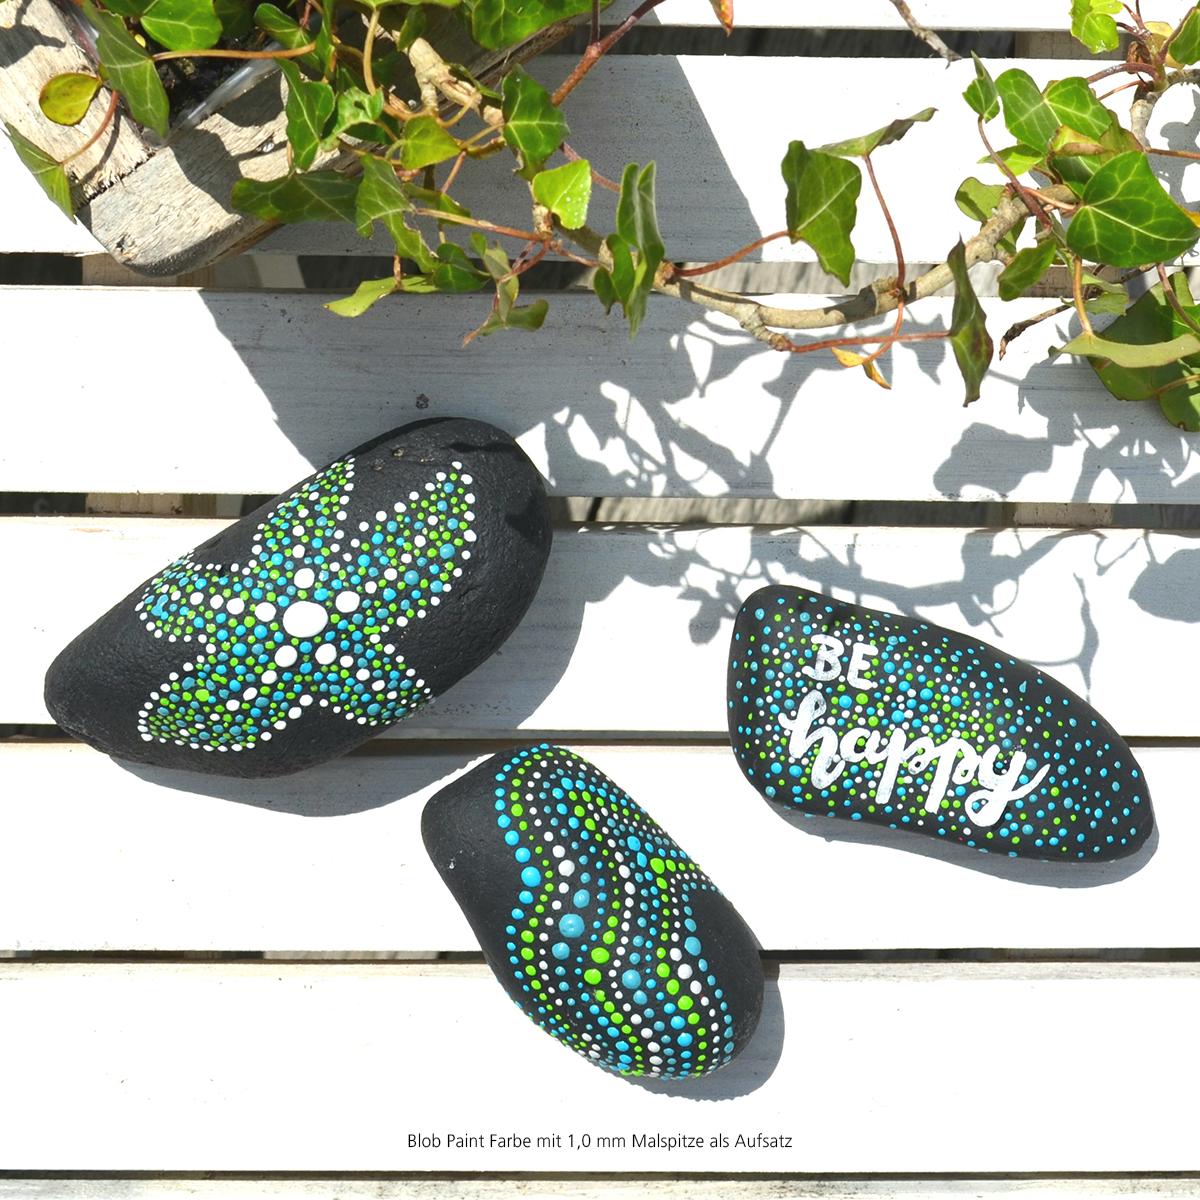 Mit Blob Paint Steine bemalen - mit einer 1,0 mm Malspitze als Aufsatz